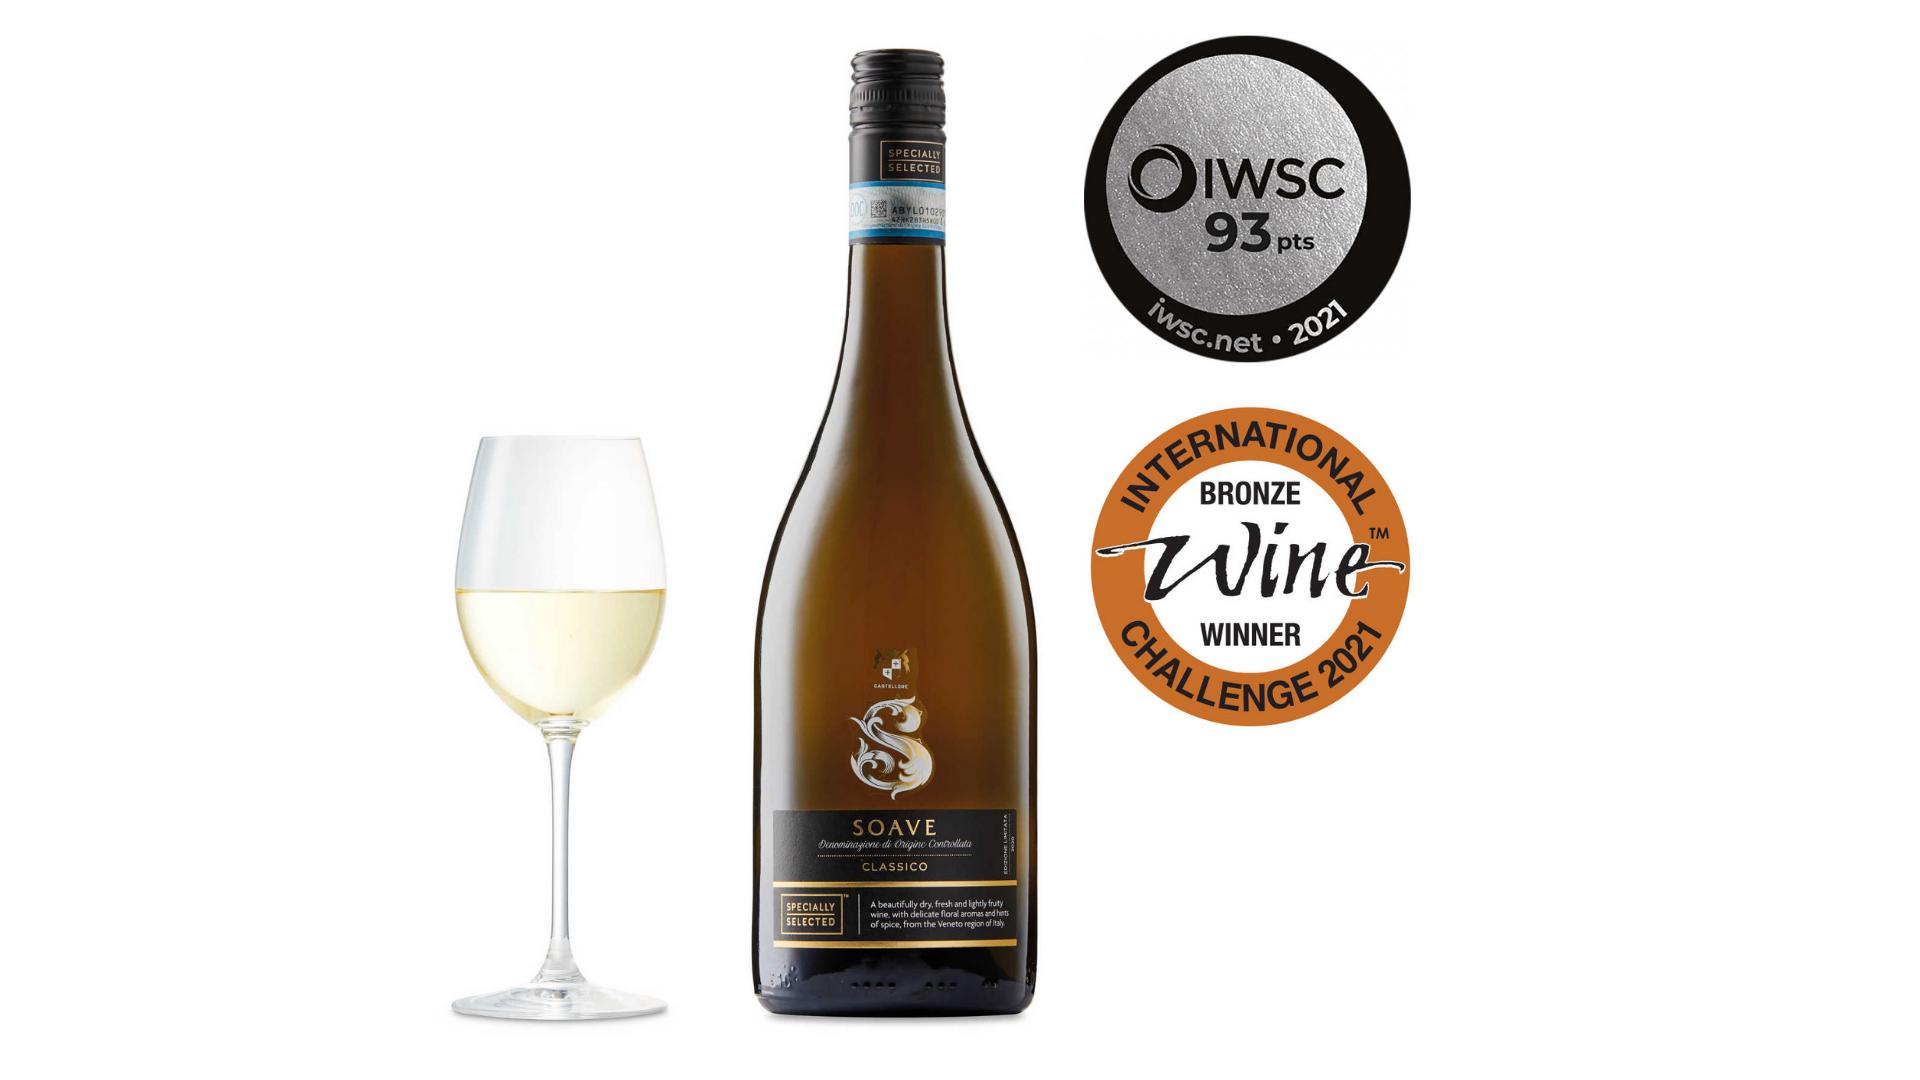 l'un des meilleurs vins bon marché - Specially Selected Italian Soave